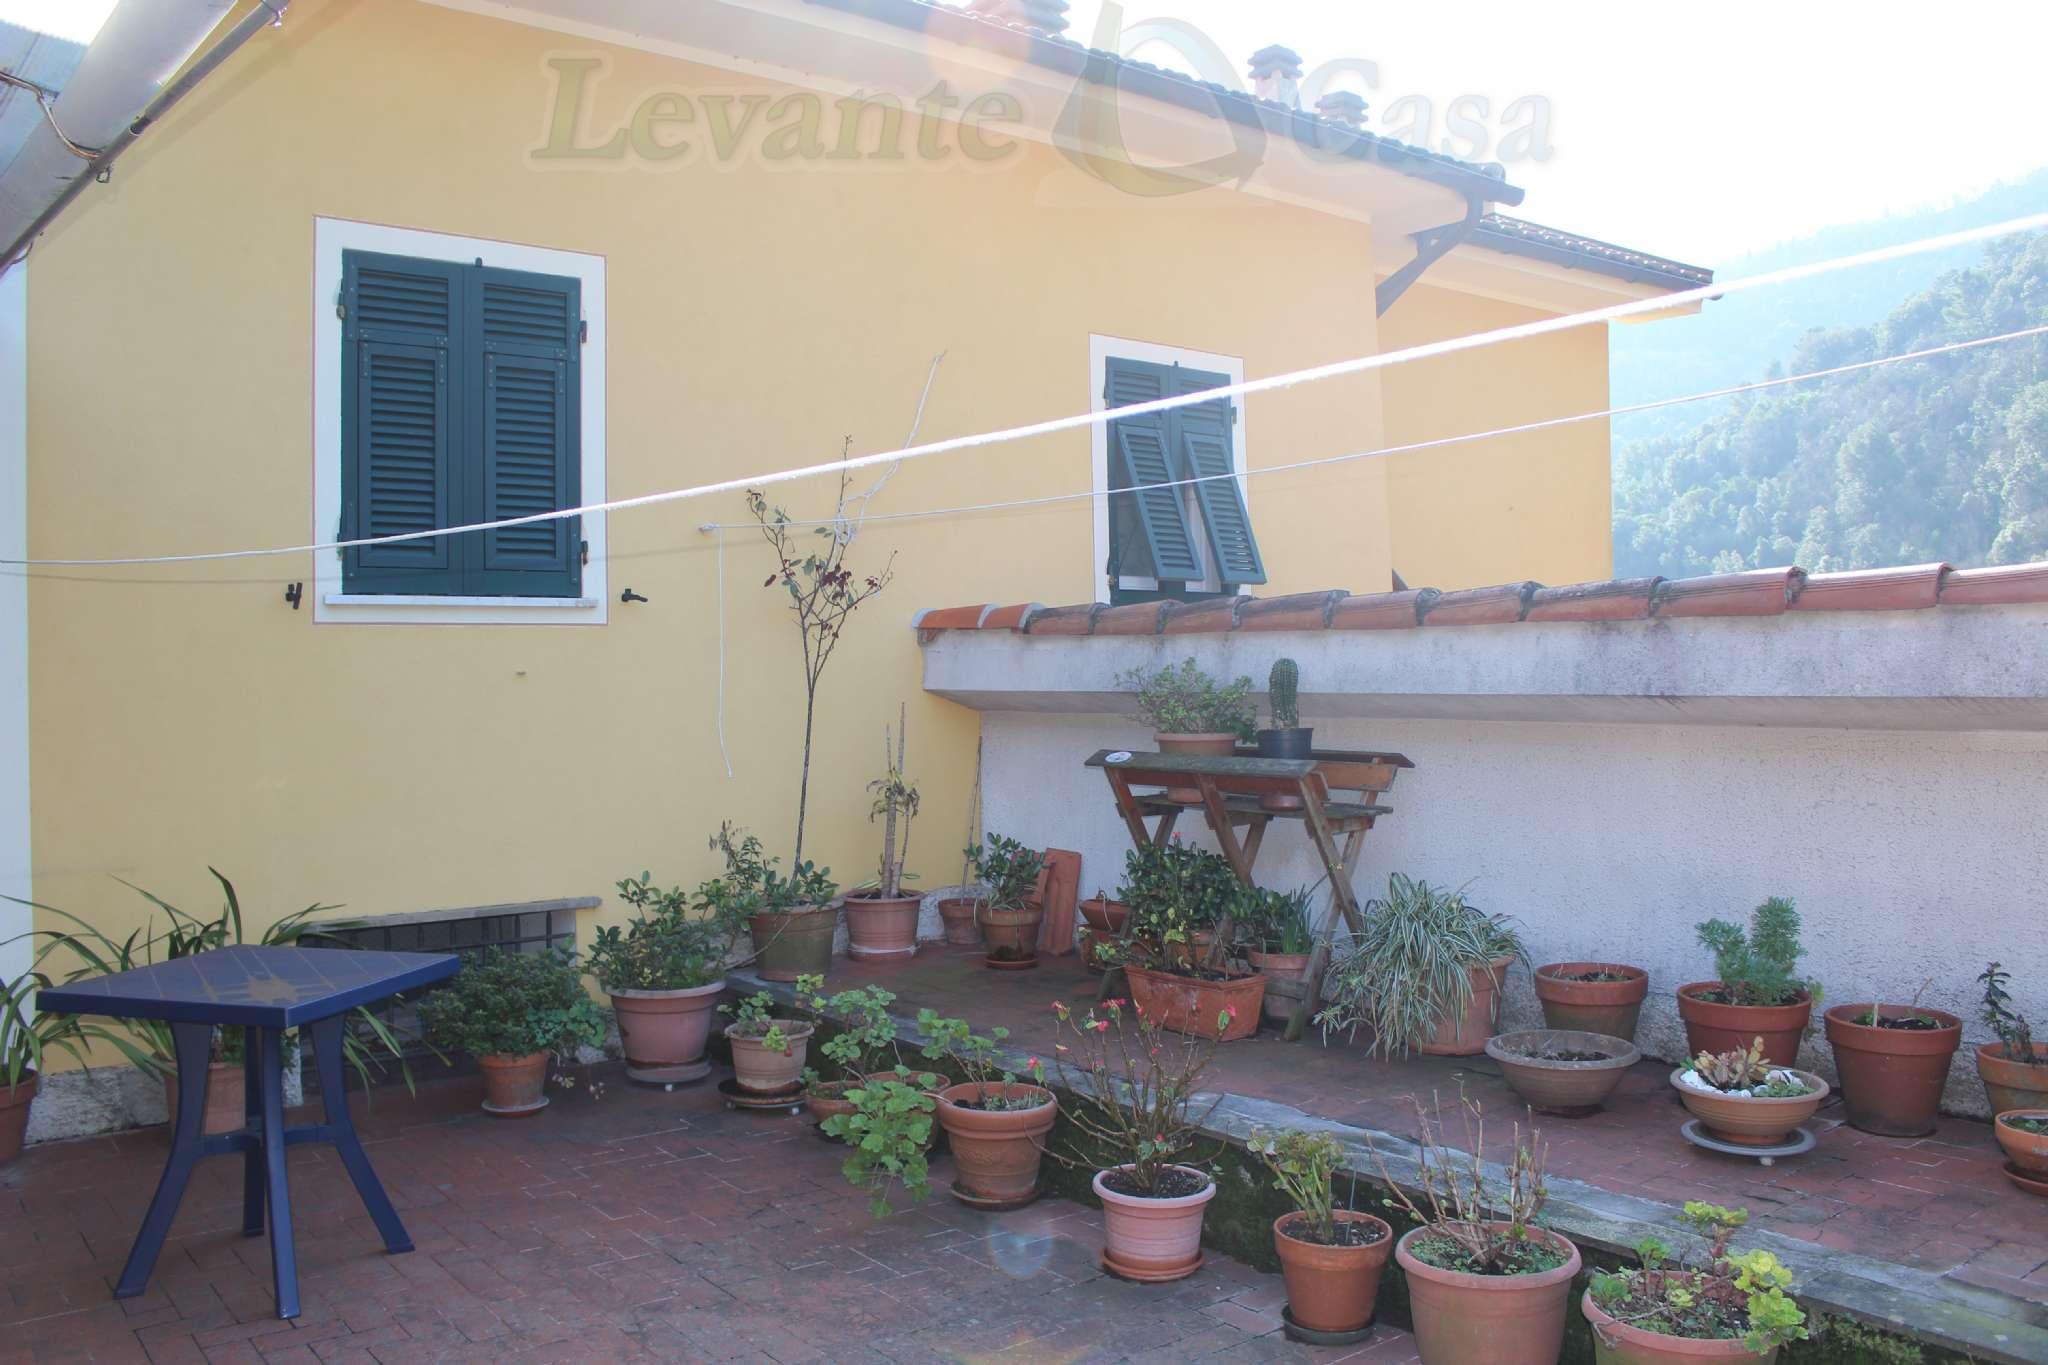 Foto 7 di Terratetto - Terracielo Avegno